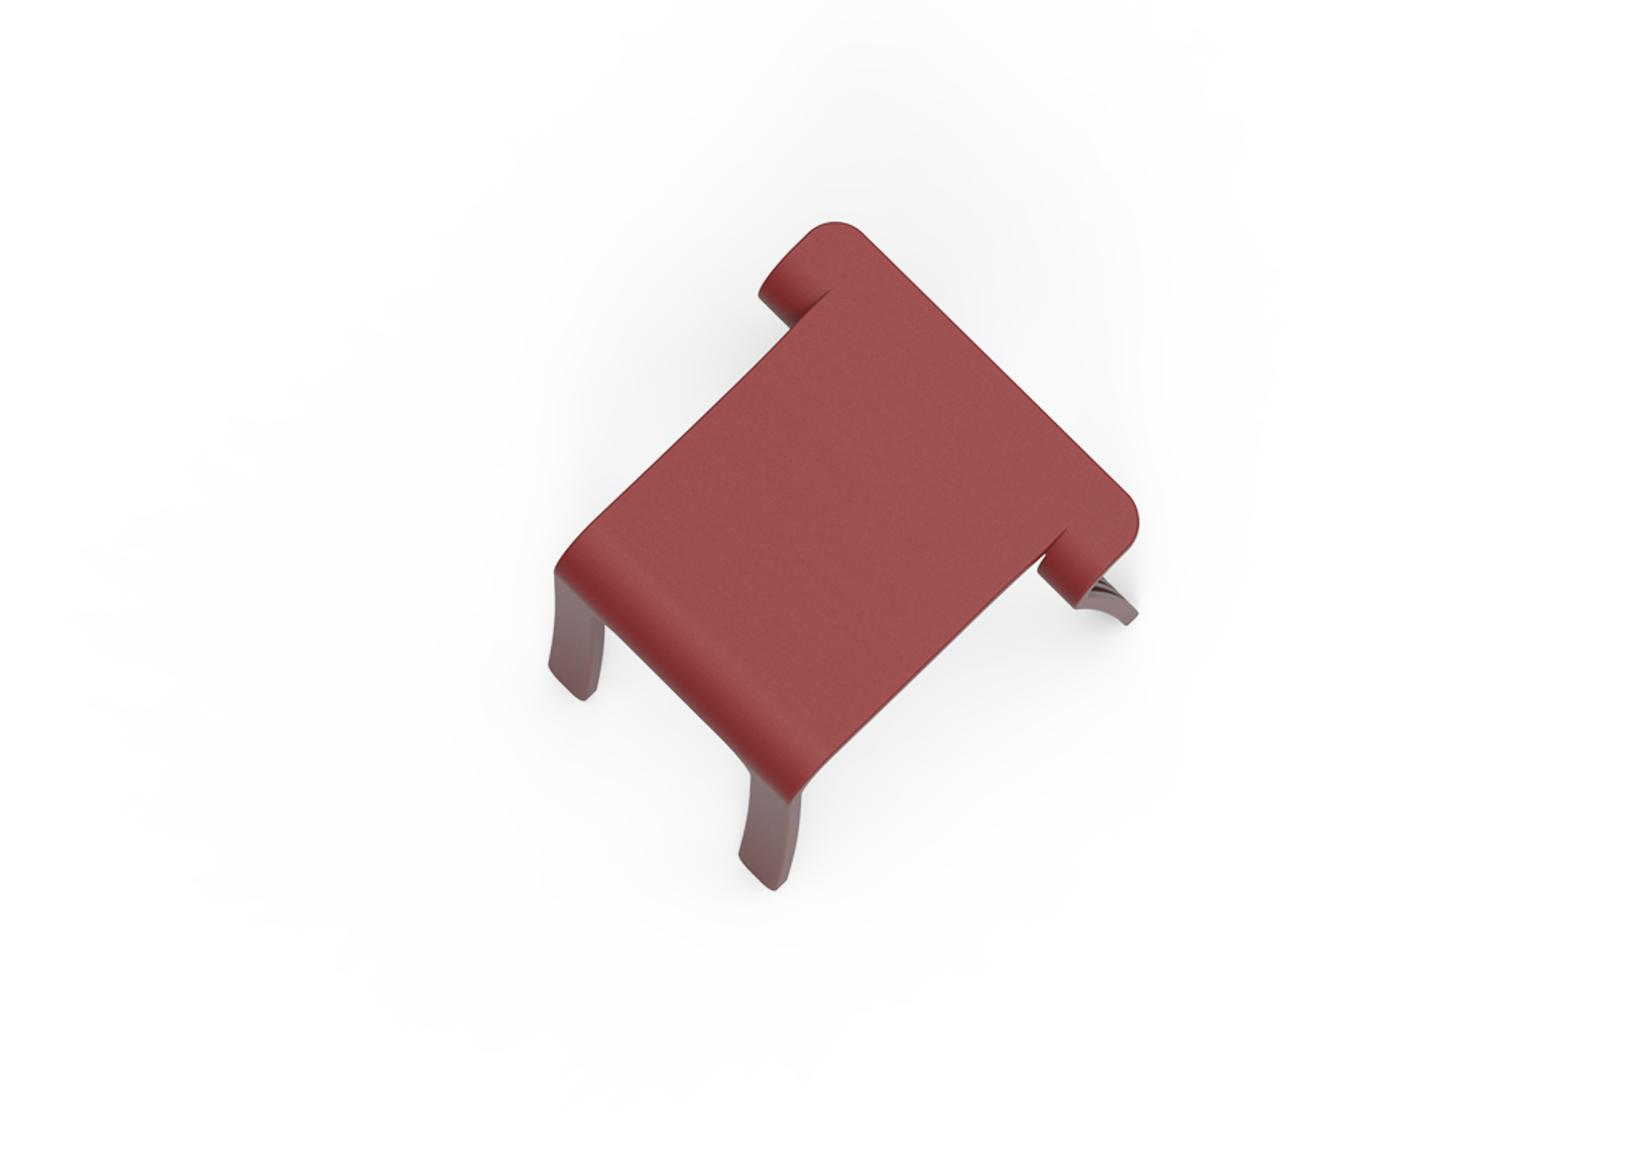 blank stool website 4.png